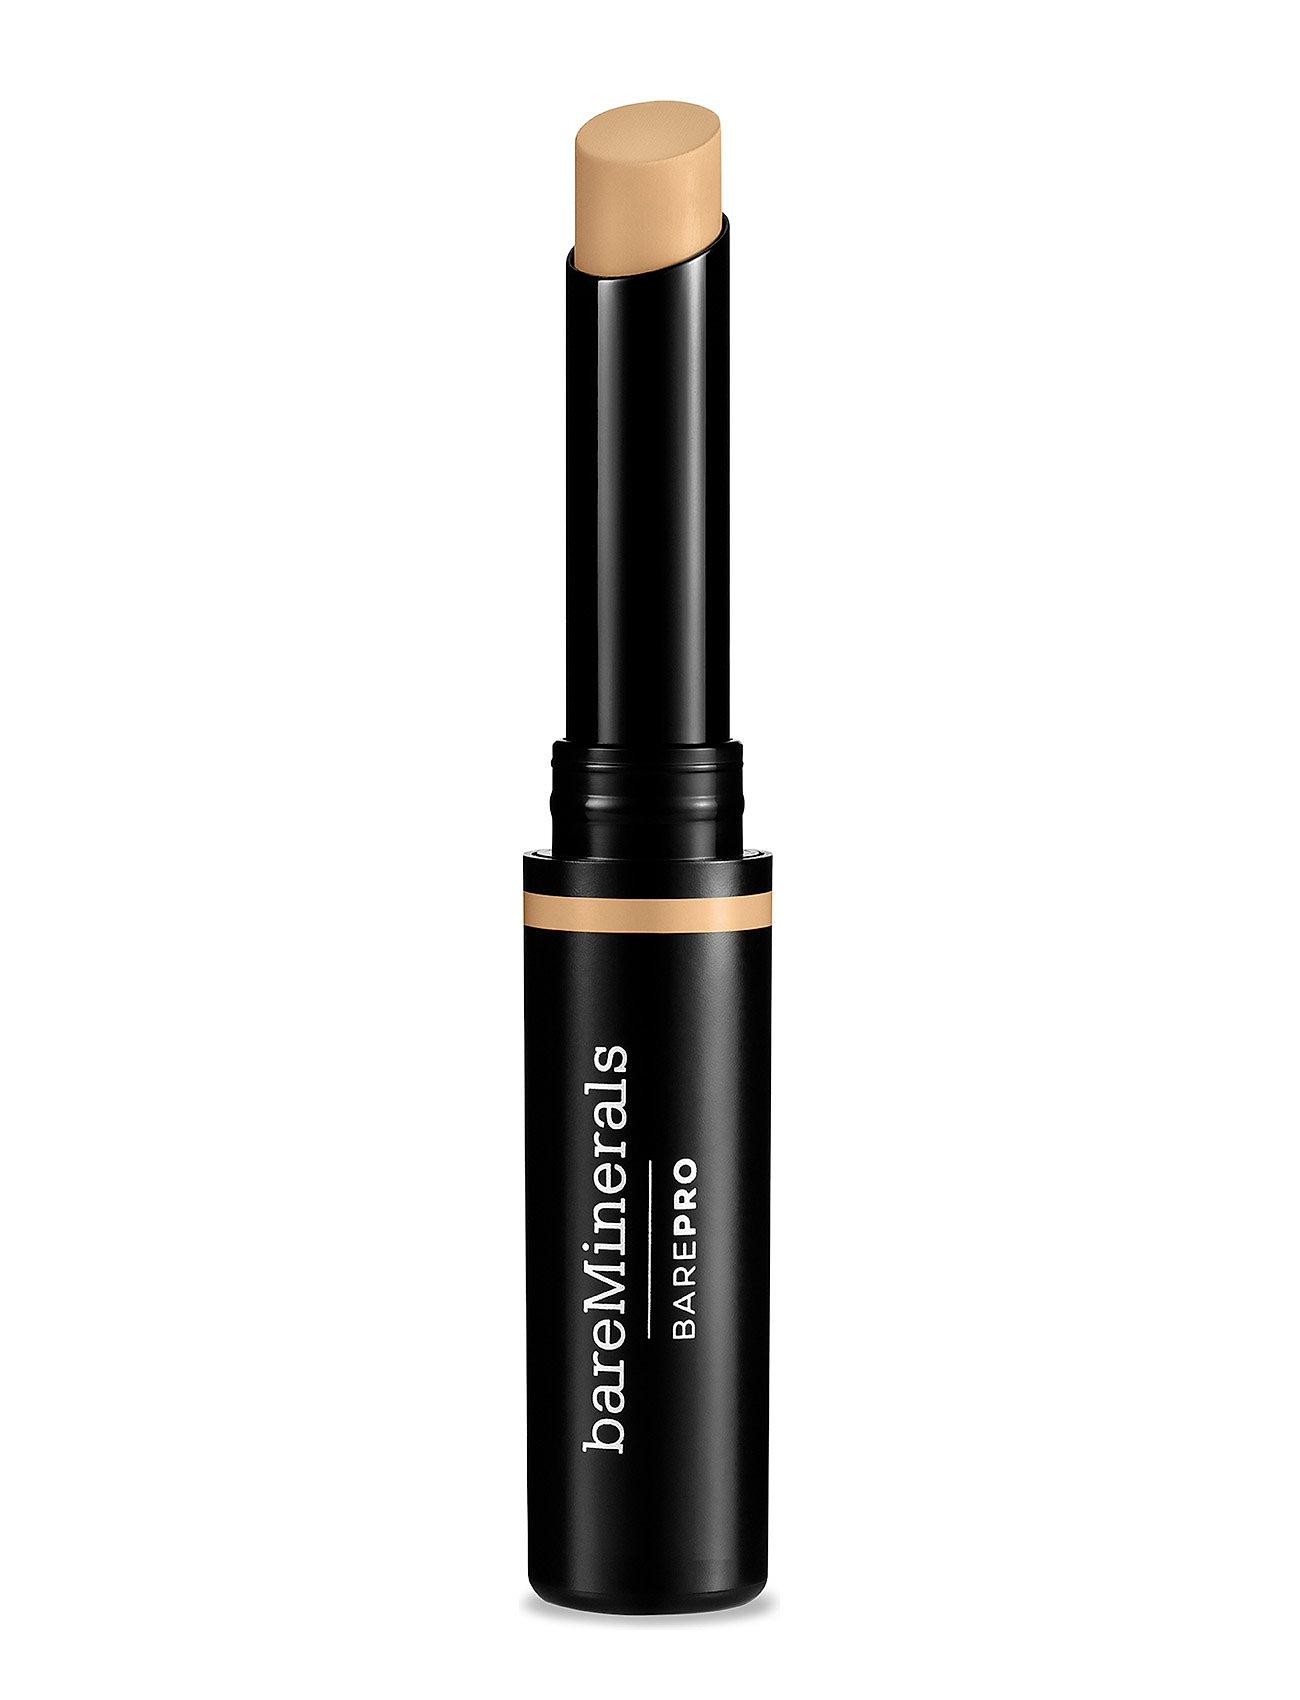 Image of Barepro 16-Hour Full Coverage Concealer Concealer Makeup BareMinerals (3406150247)